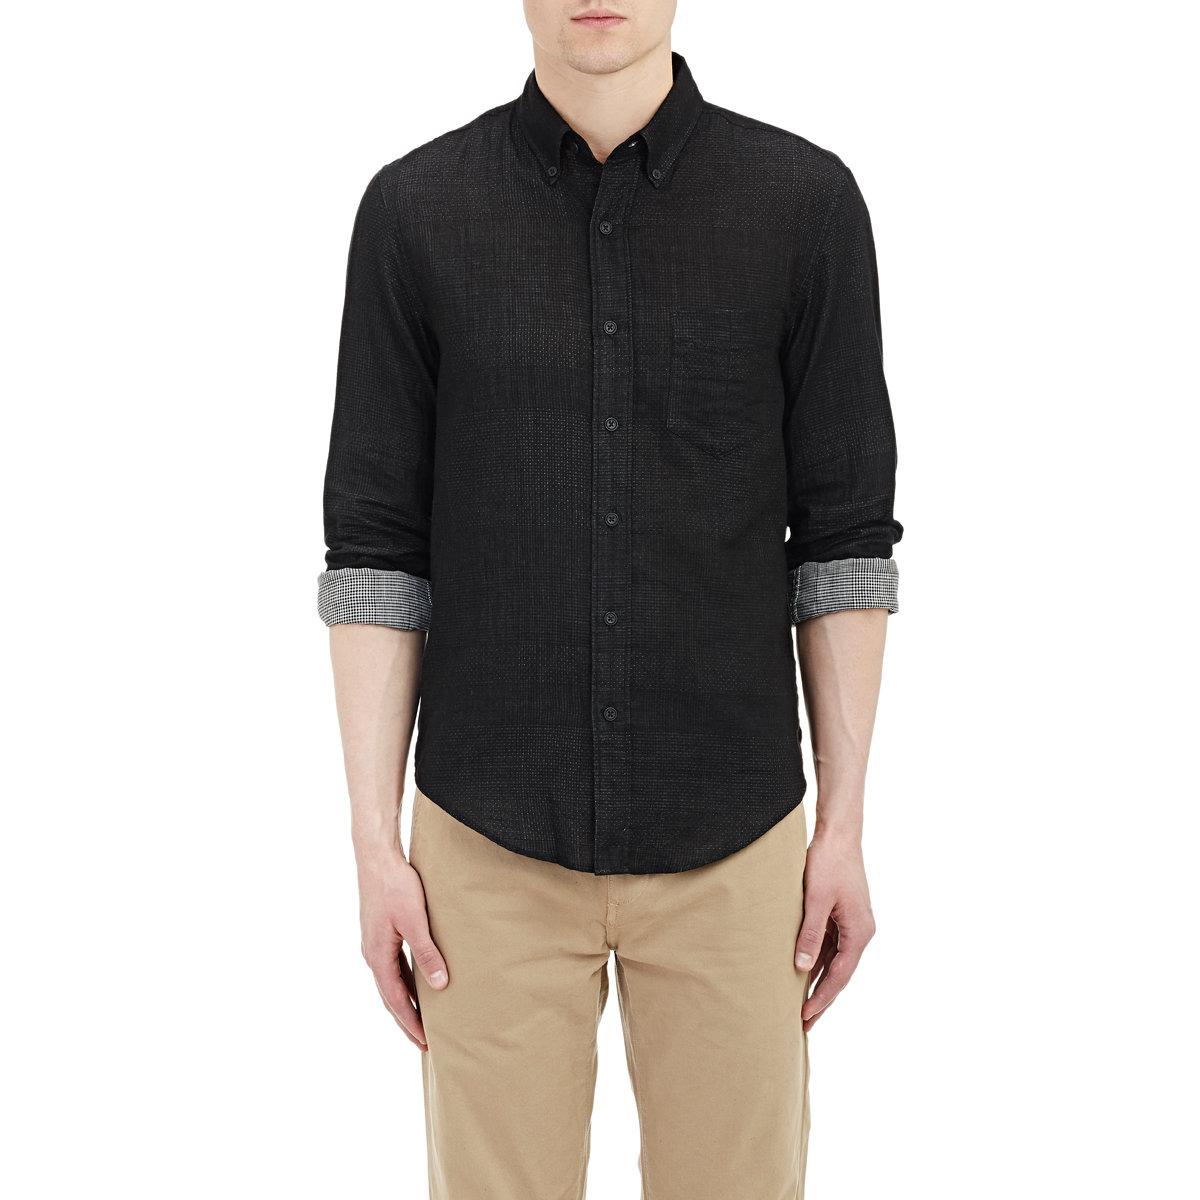 Rag bone yokohama shirt in black for men lyst for Rag bone shirt